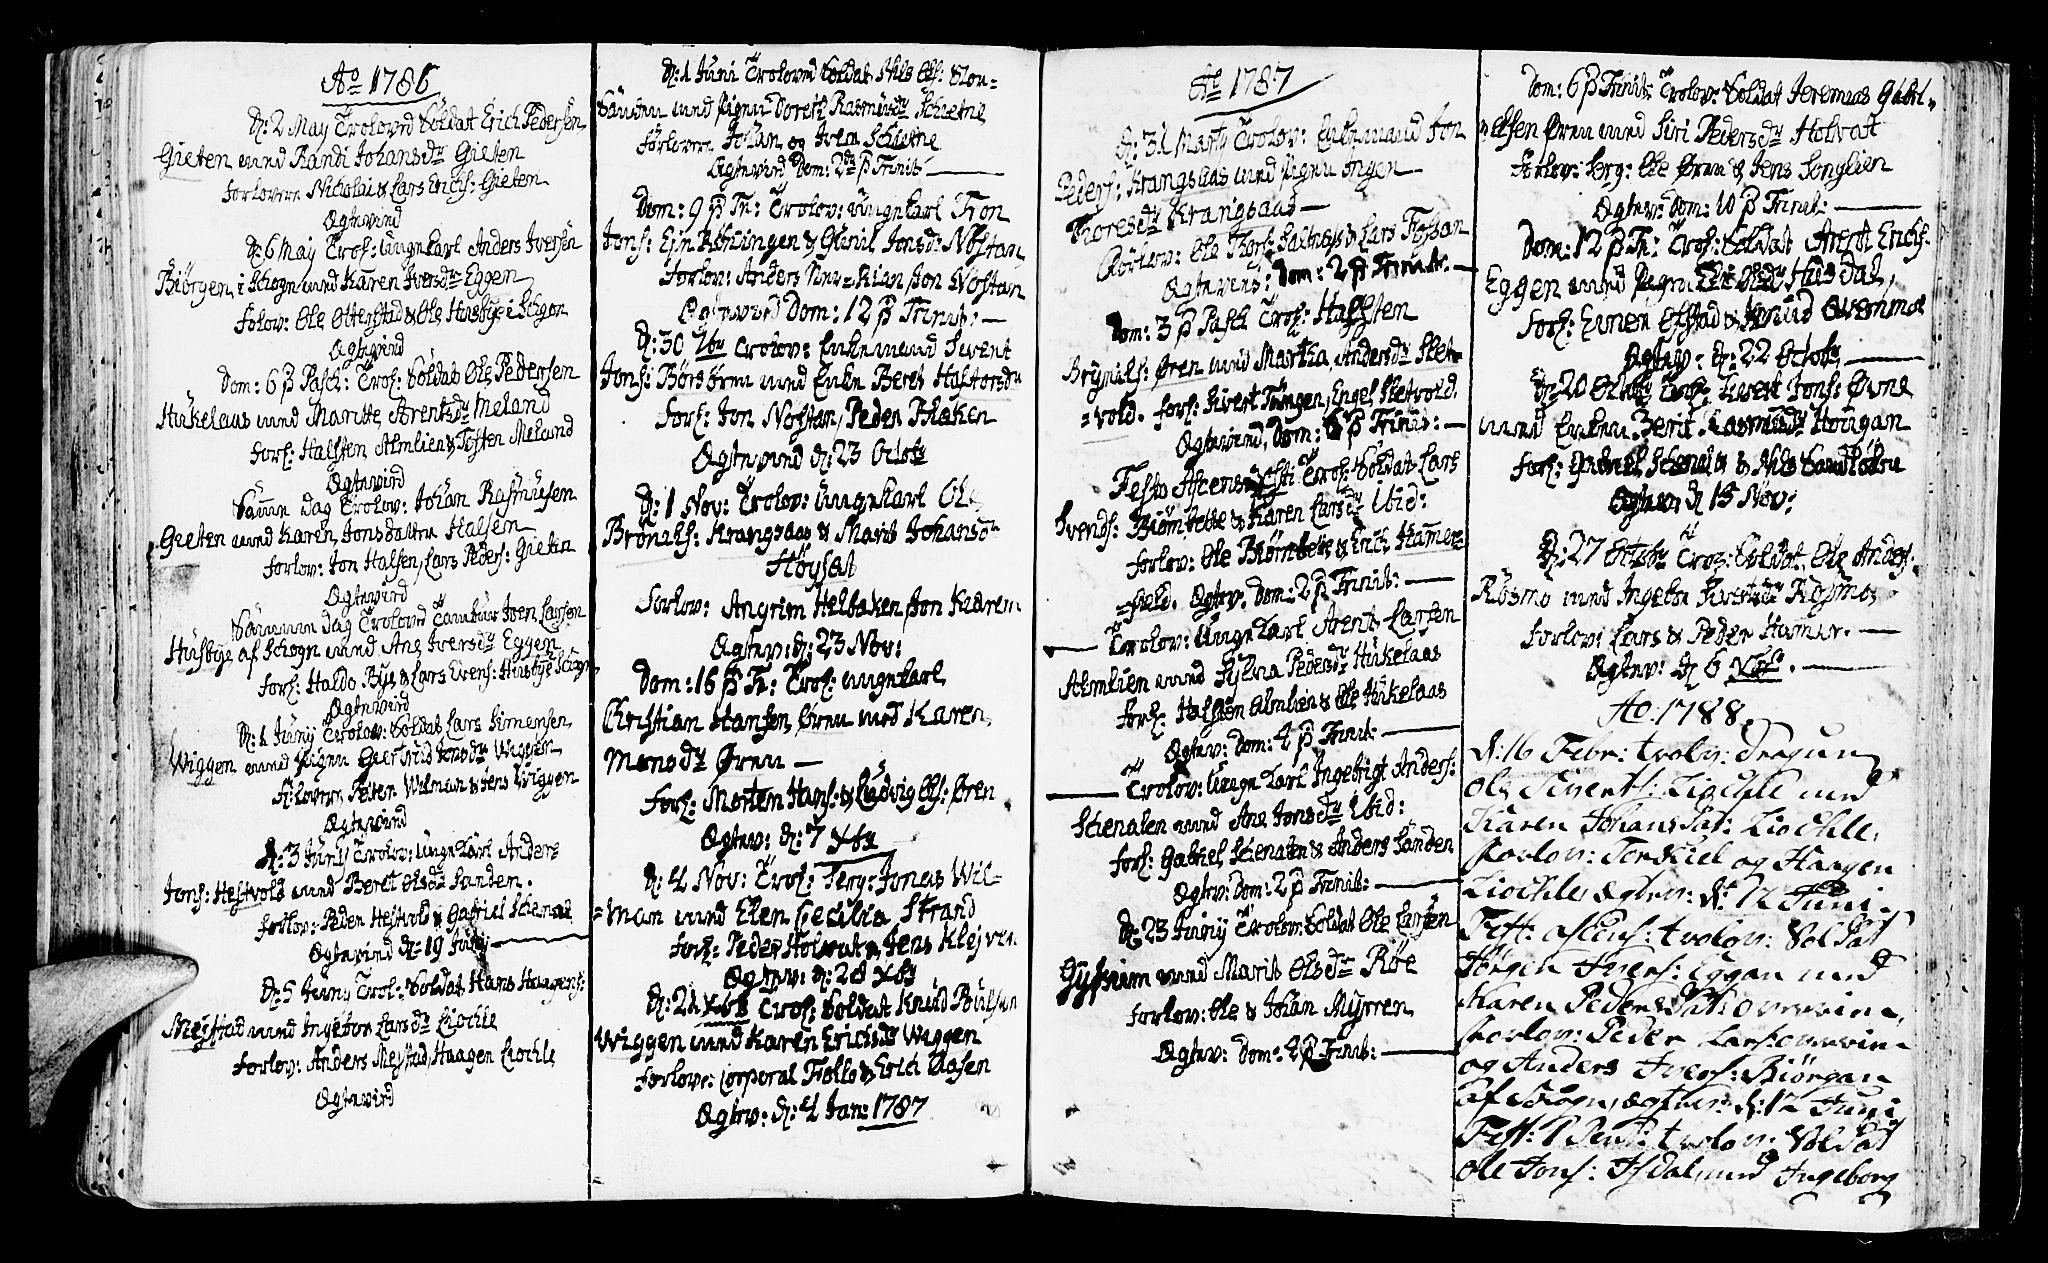 SAT, Ministerialprotokoller, klokkerbøker og fødselsregistre - Sør-Trøndelag, 665/L0768: Ministerialbok nr. 665A03, 1754-1803, s. 131